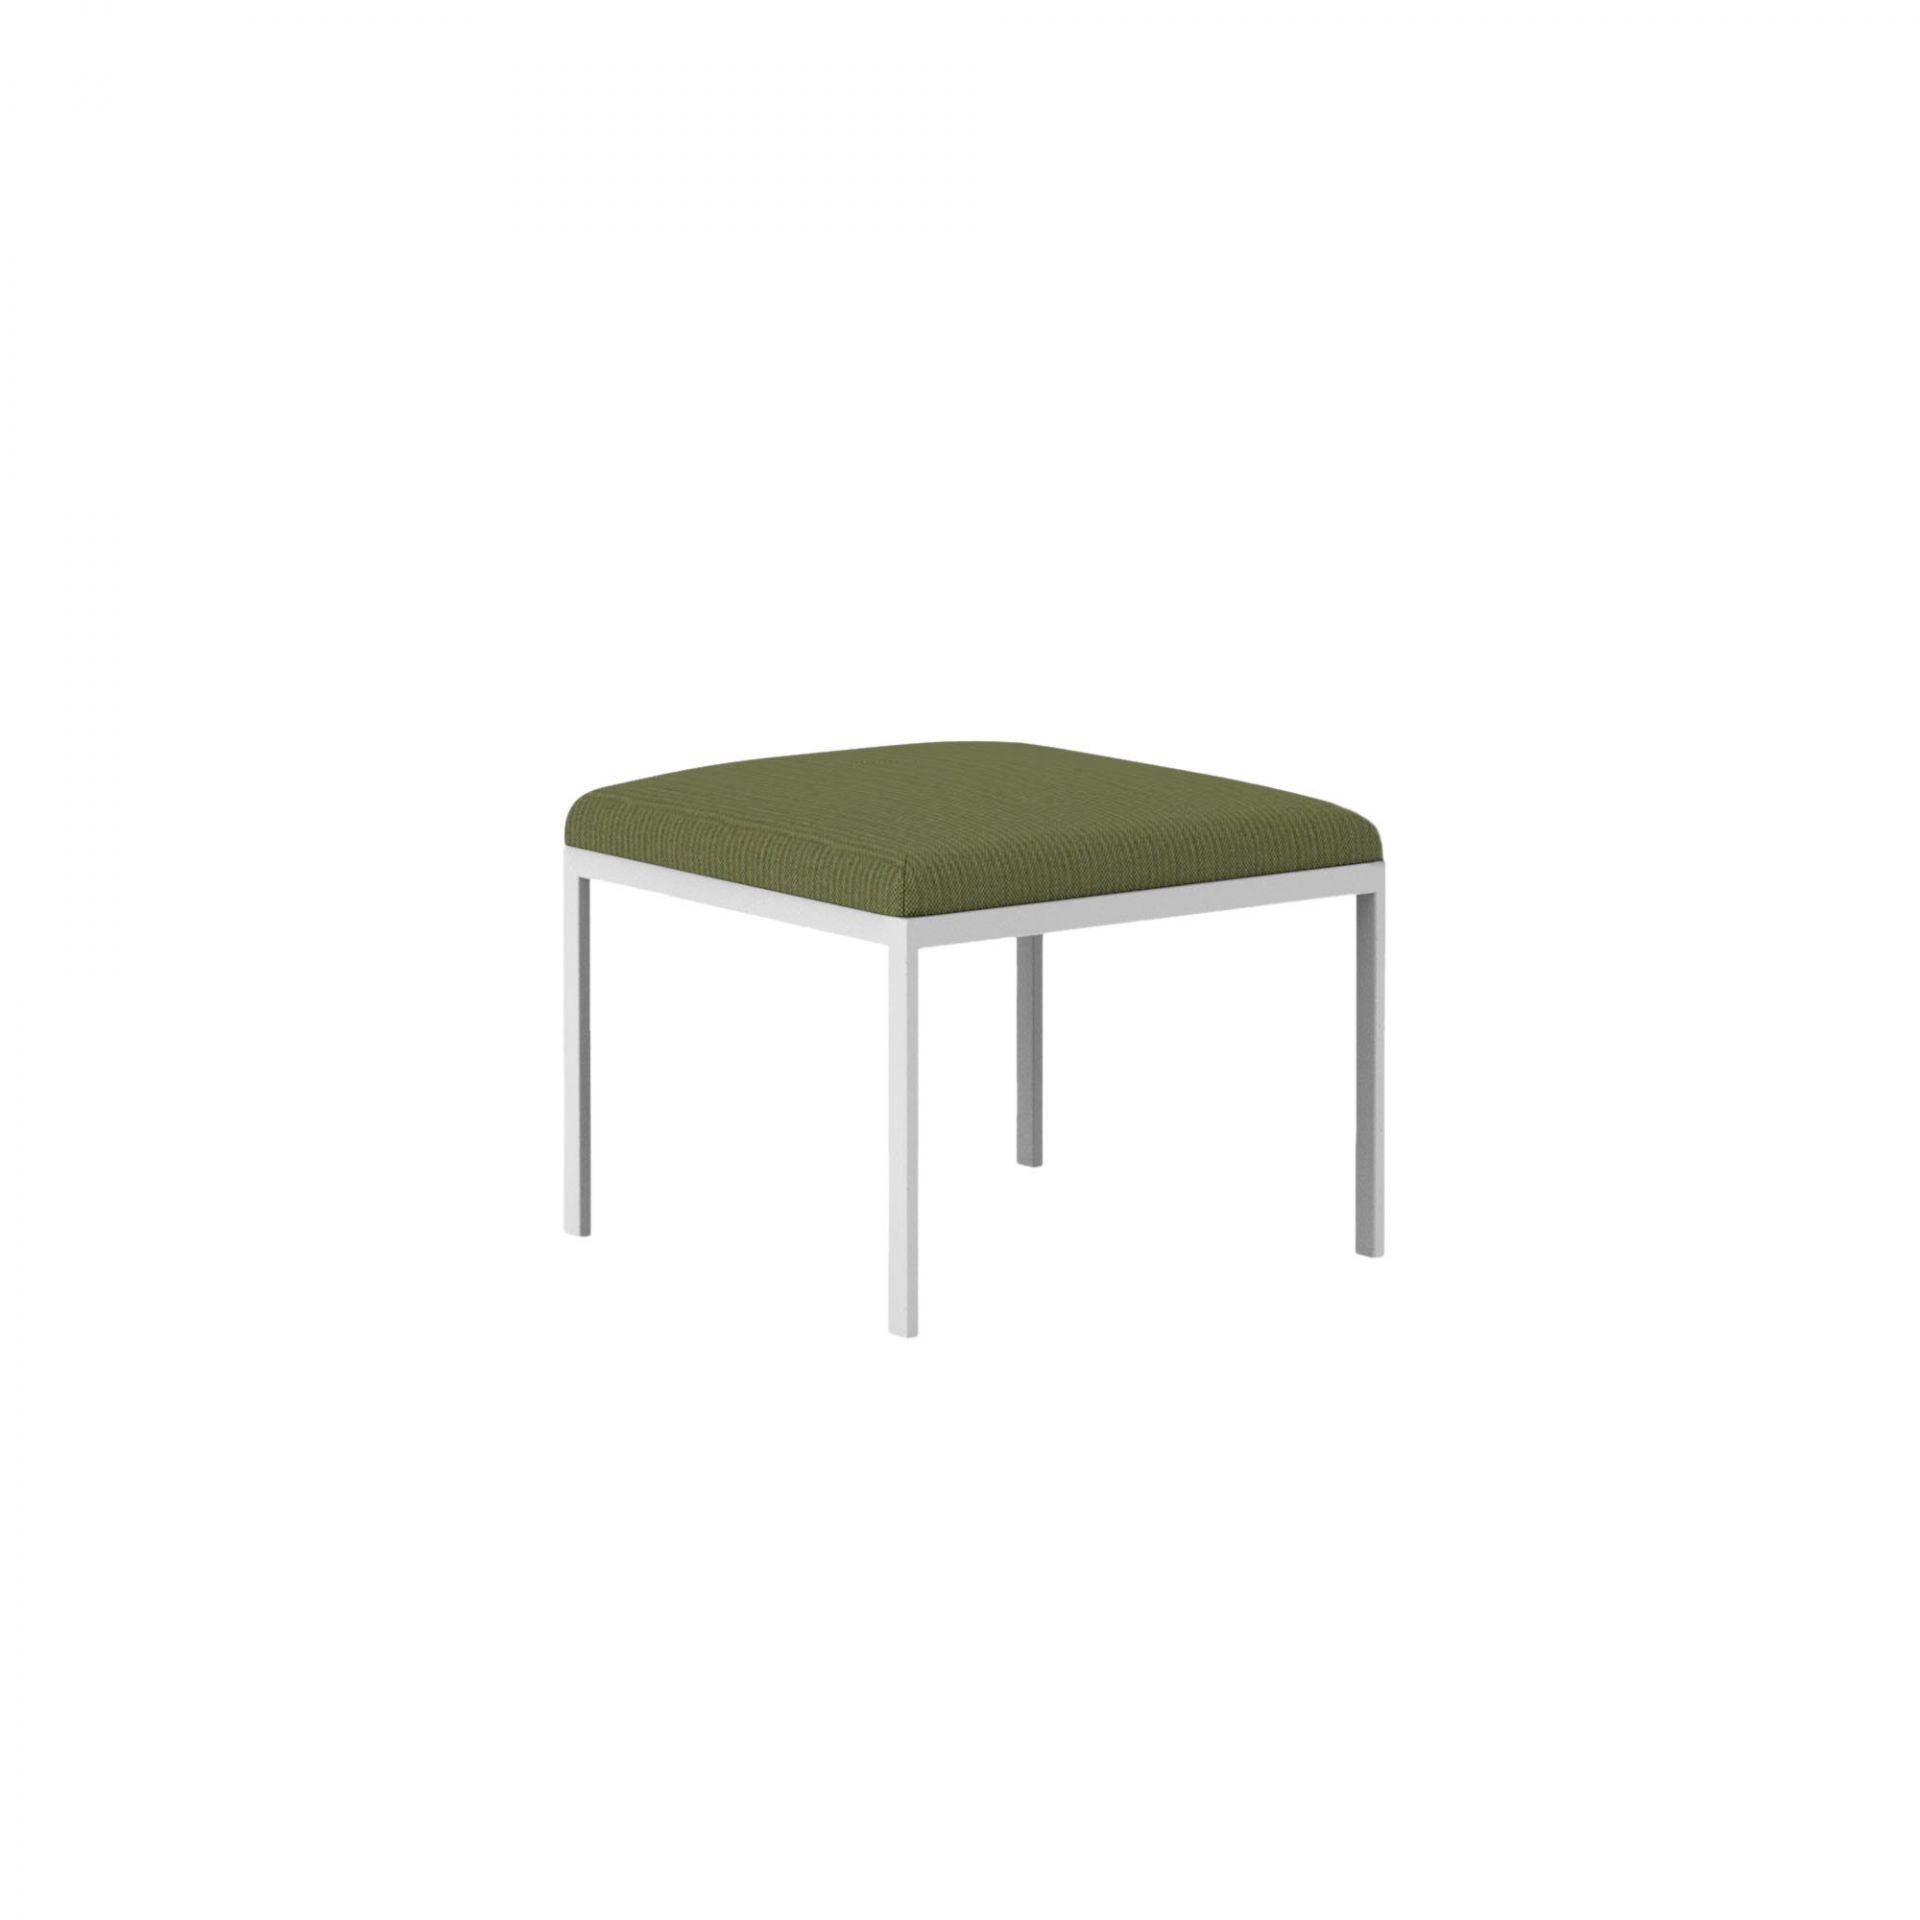 Create Seating Bänk produktbild 3